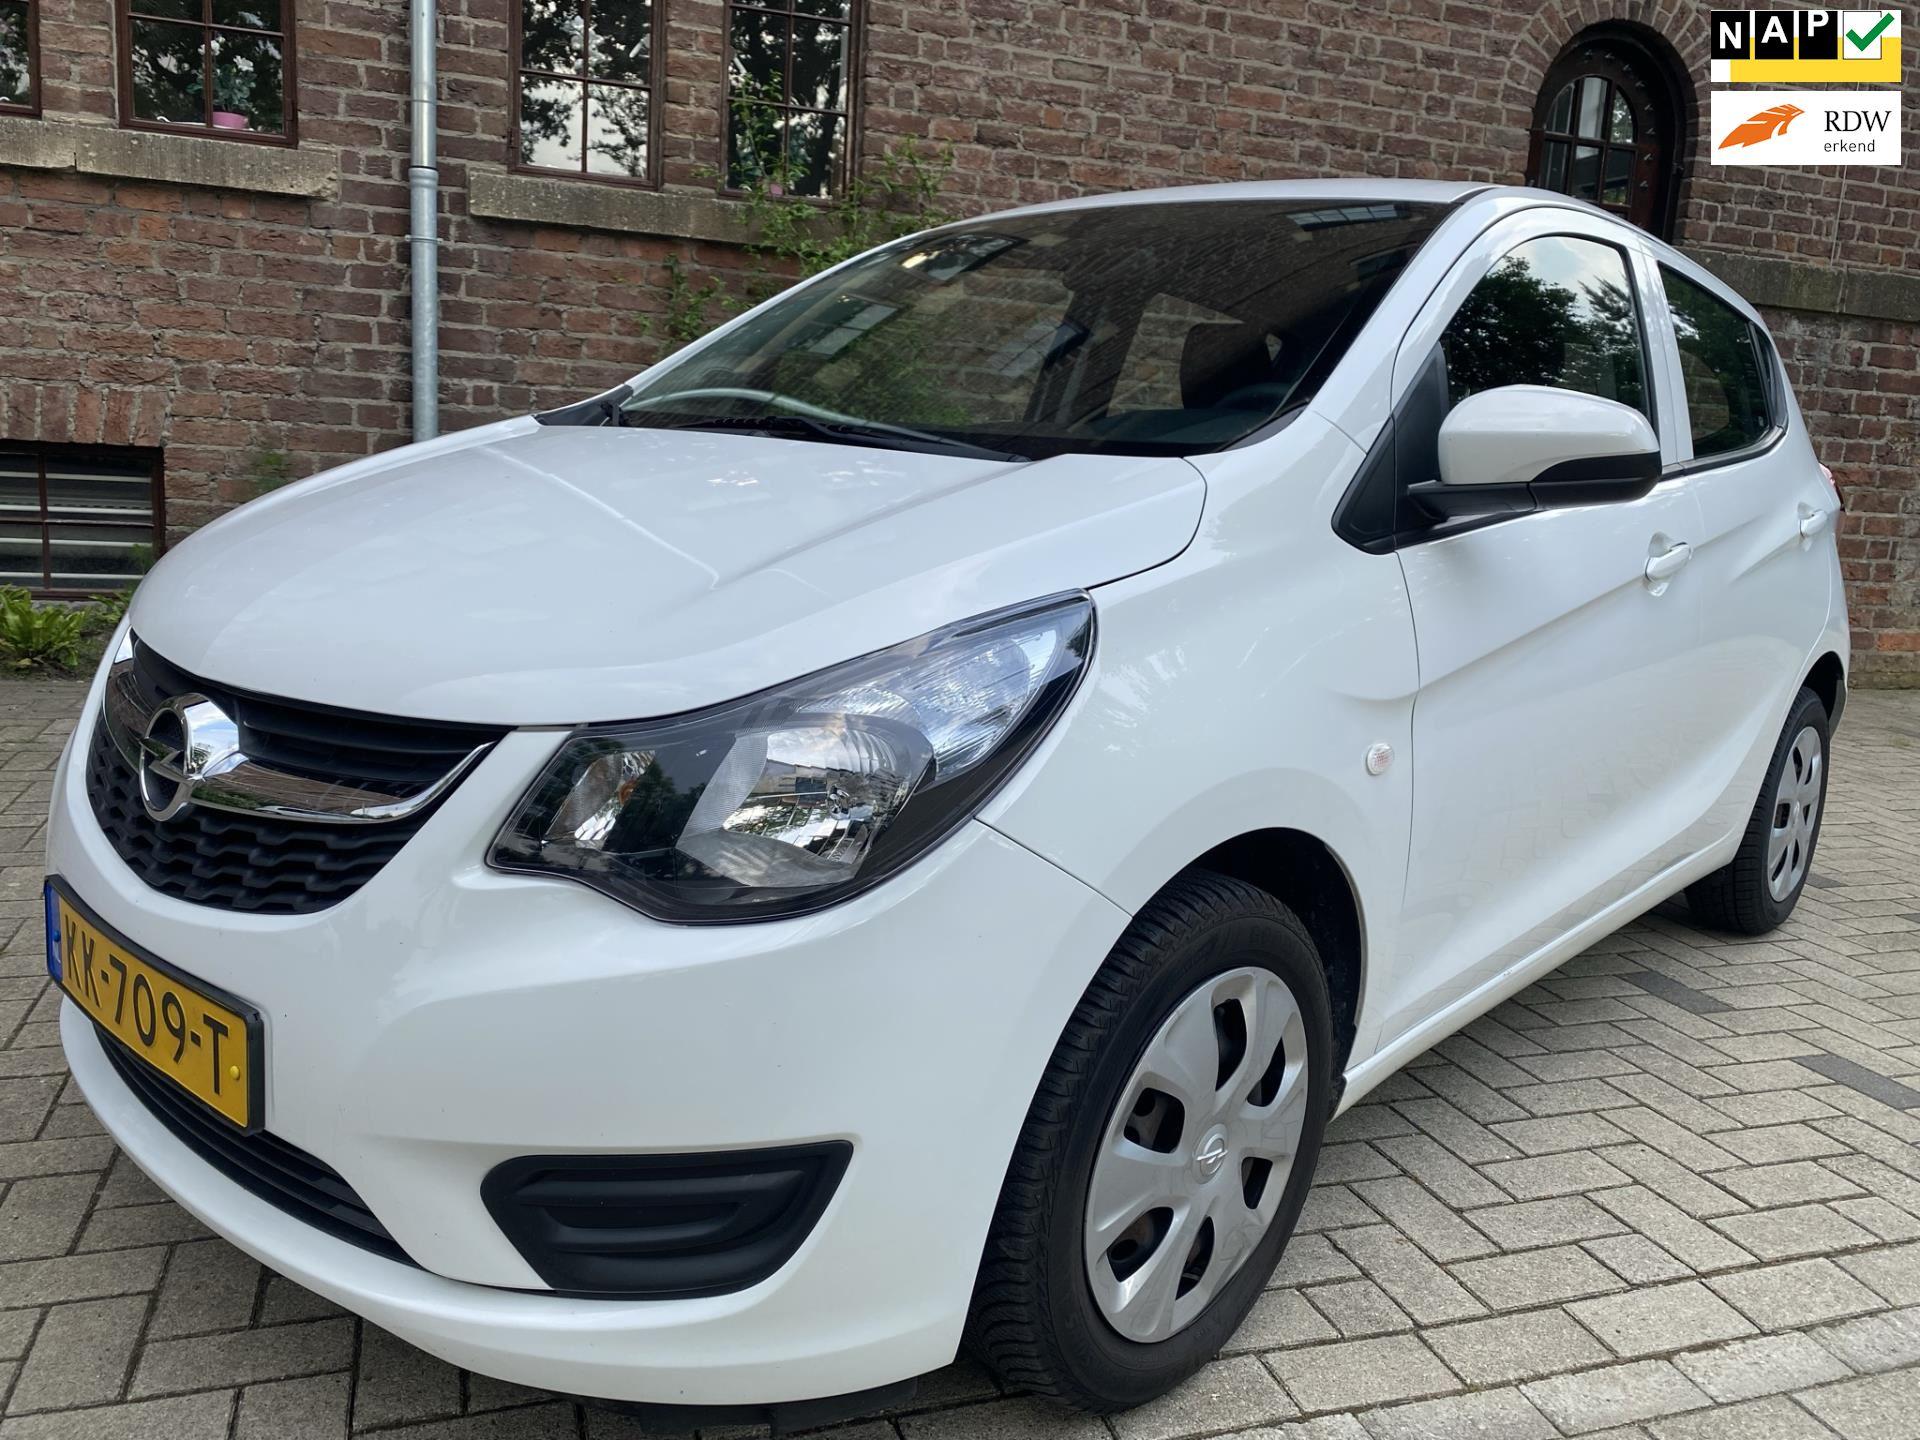 Opel KARL occasion - Autokaba Enschede